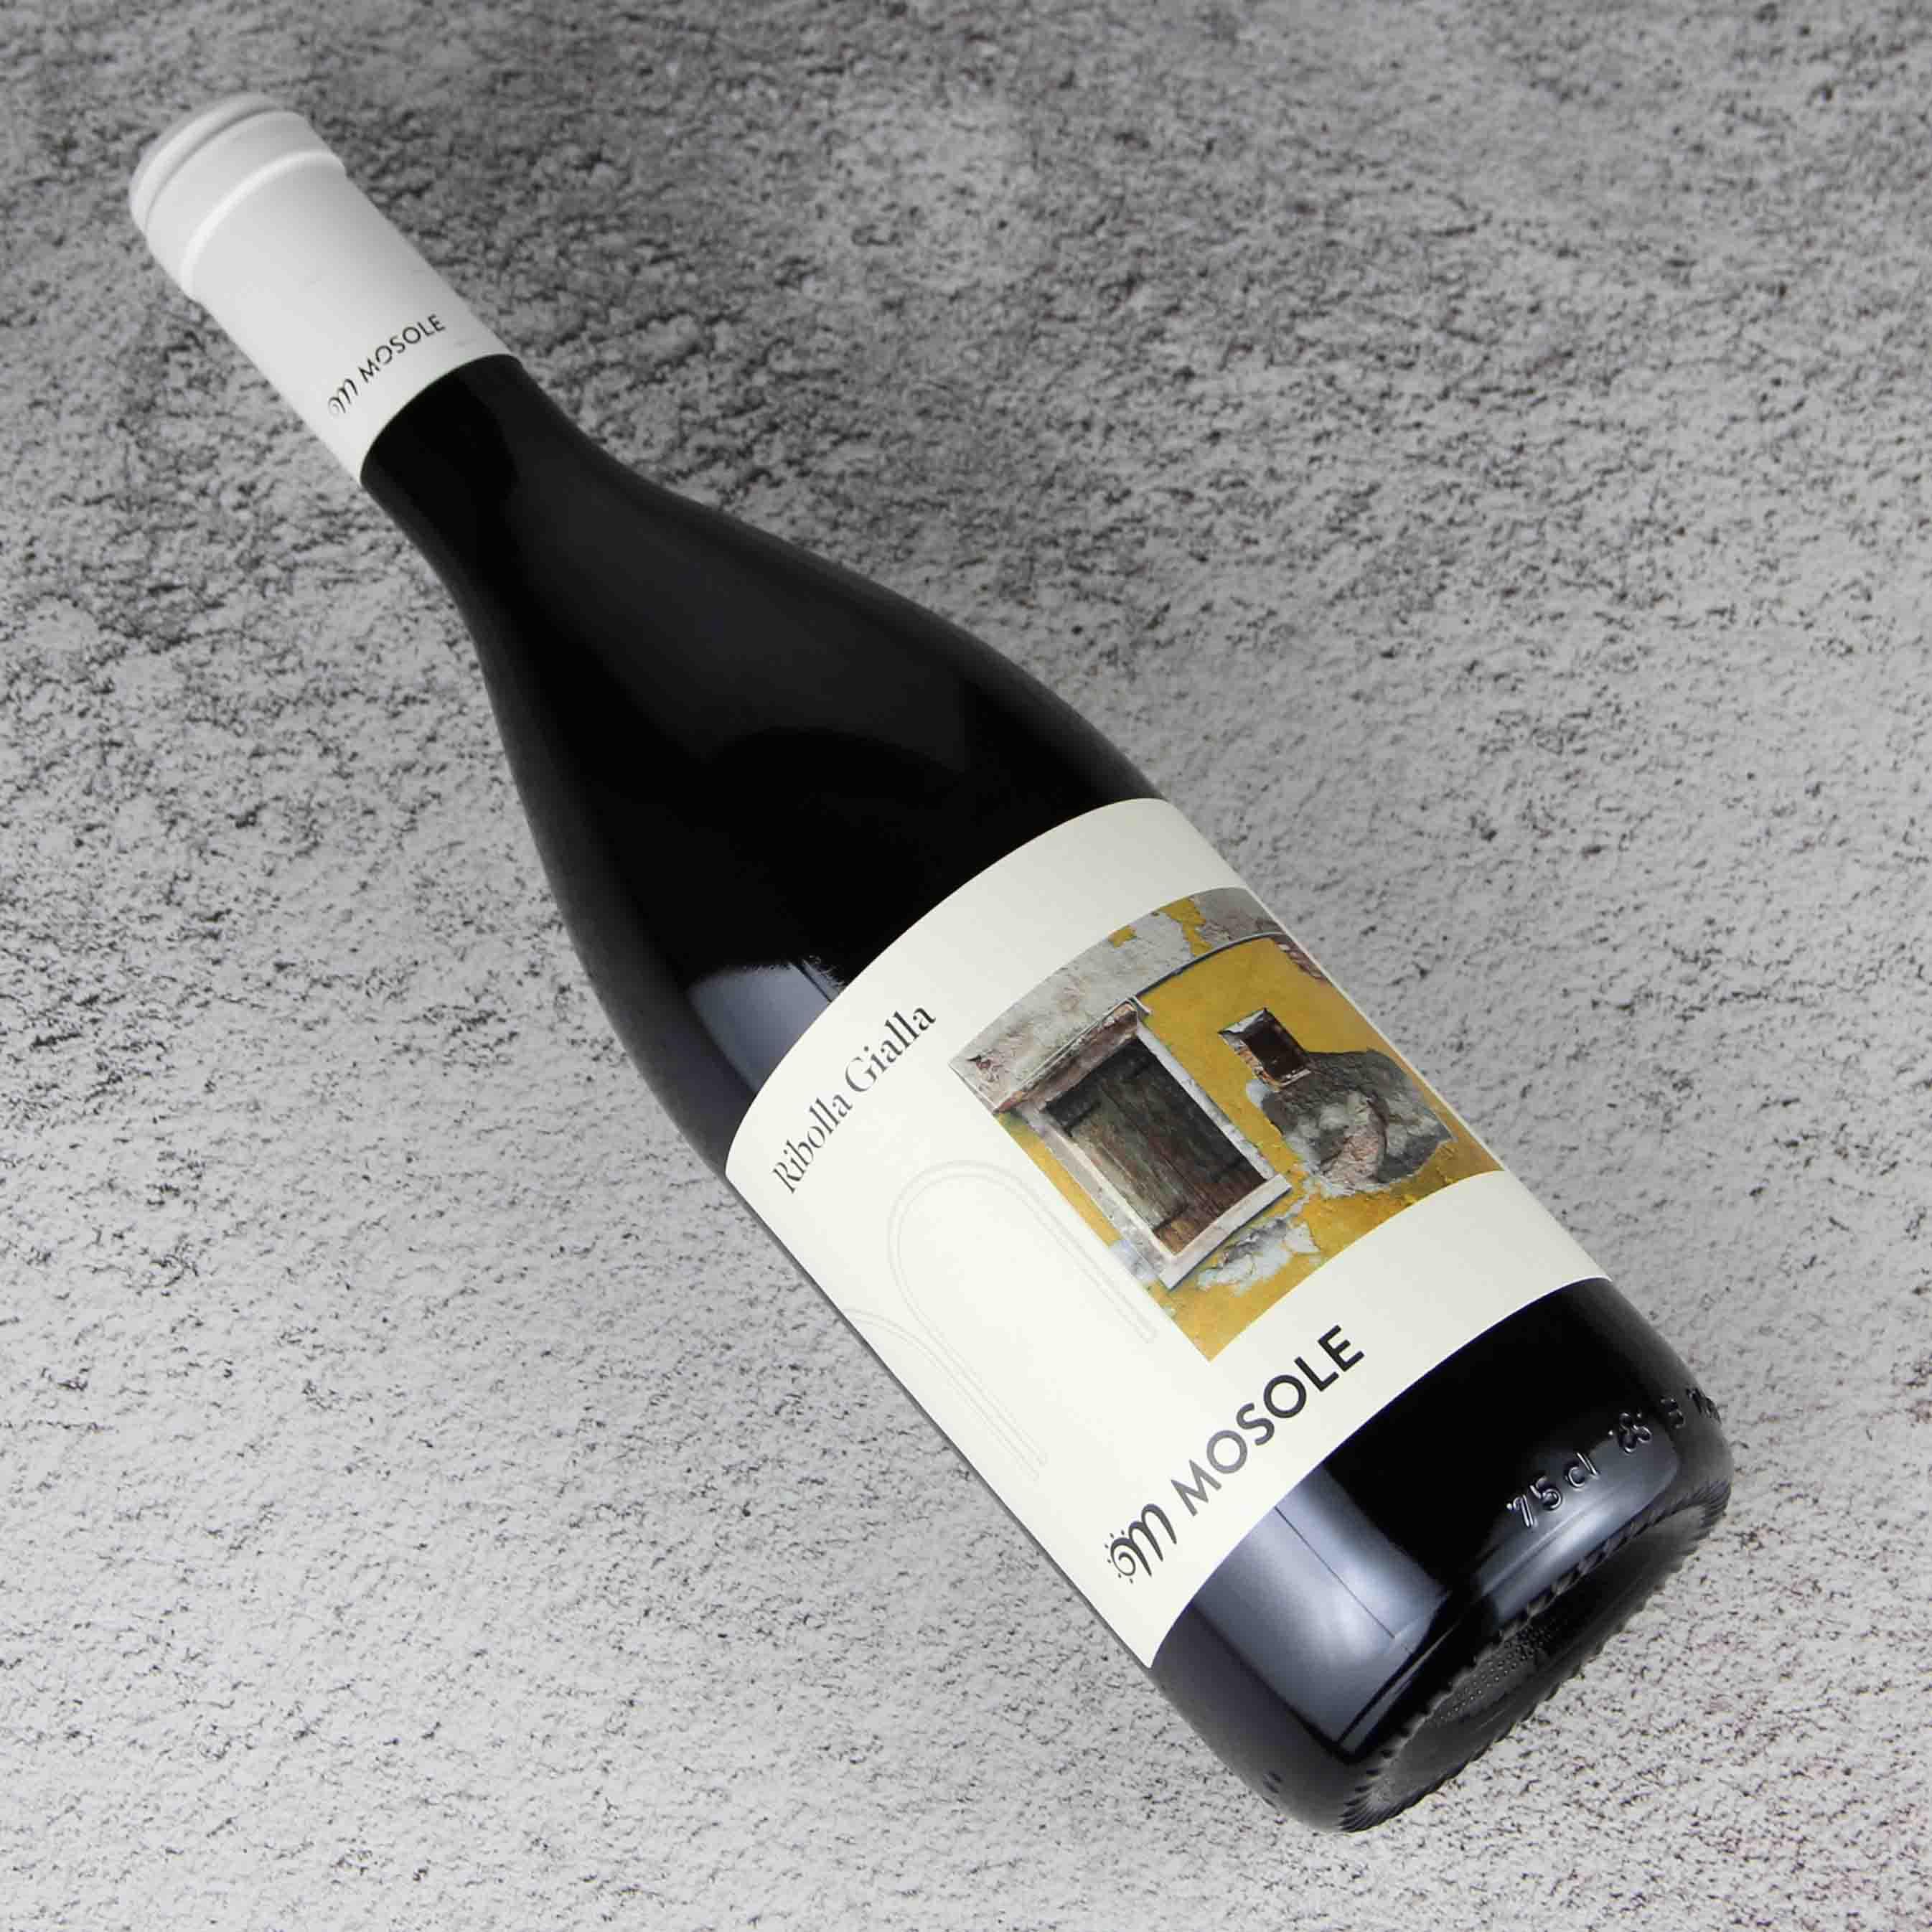 意大利威尼托莫斯勒金黄丽波拉干白葡萄酒